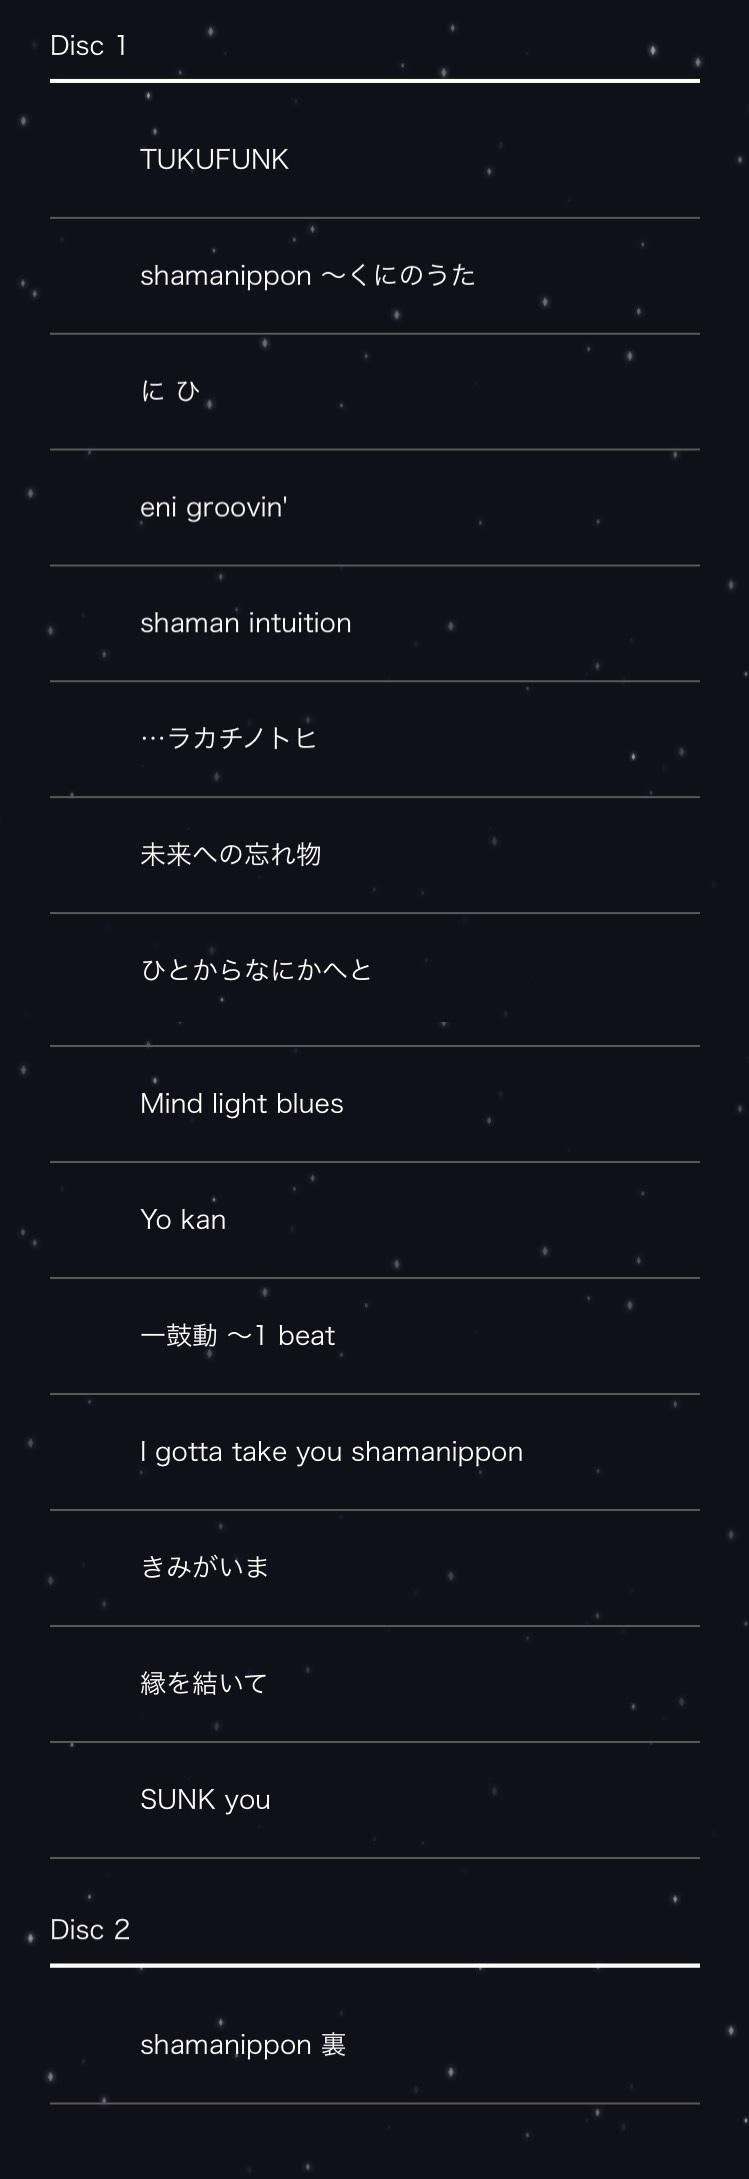 堂本刚 LIVE「shamanippon-ラカチノトヒ」初回/通常(BD/DVD)